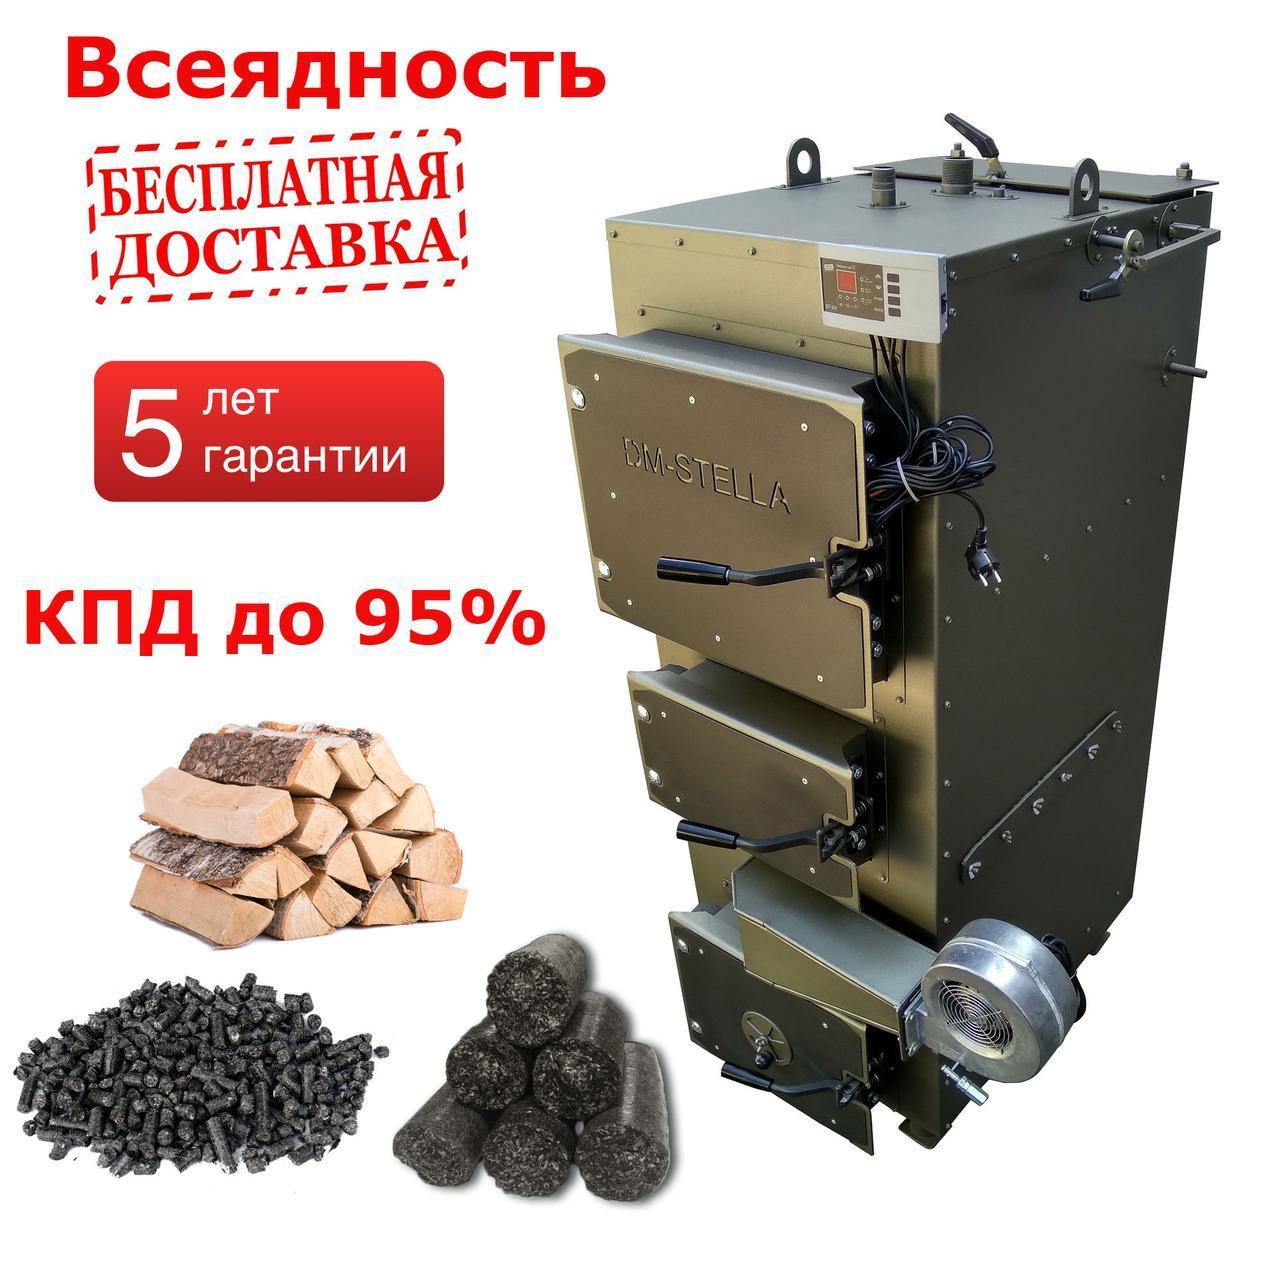 Пиролизный котел 30 кВт DM-STELLA